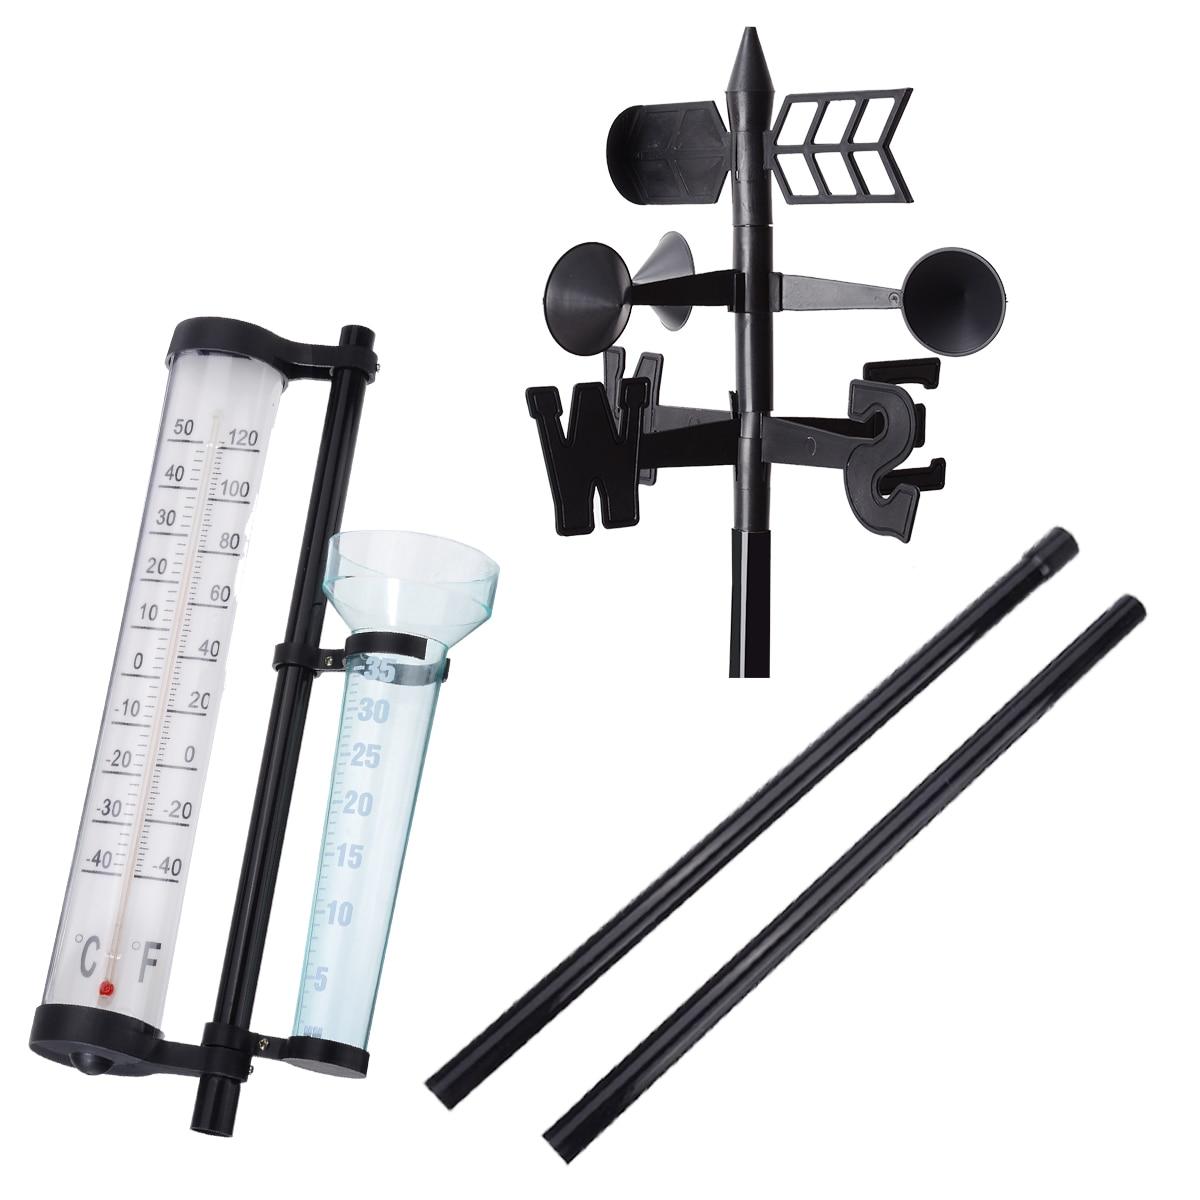 Outdoor Garden Weather Station Meteorological Measurer Vane Tool Wind Rain Gauge Analysis Instruments